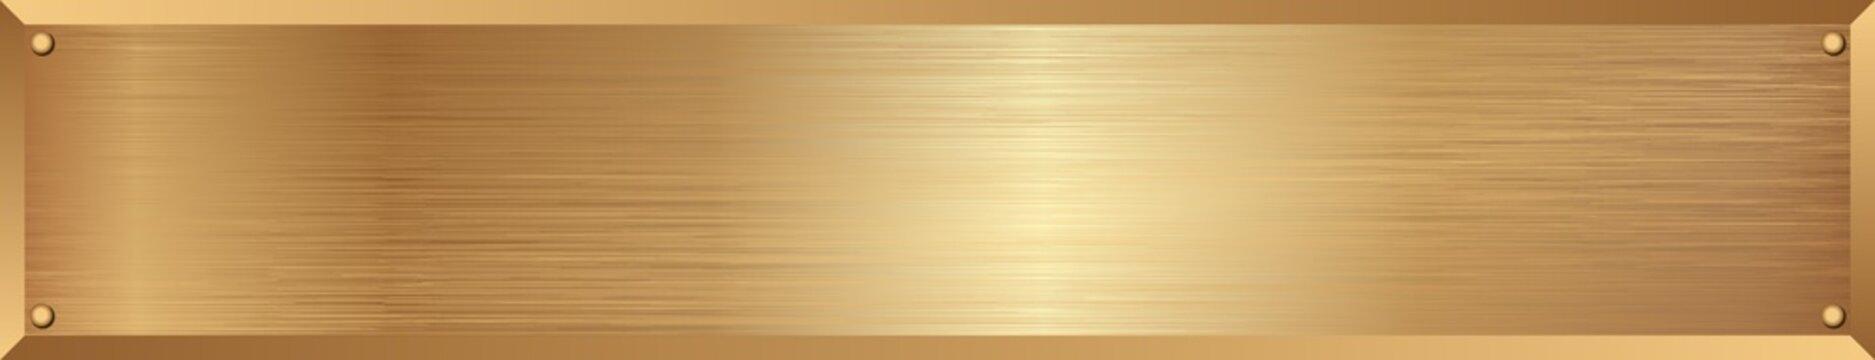 golden metallic textured long banner